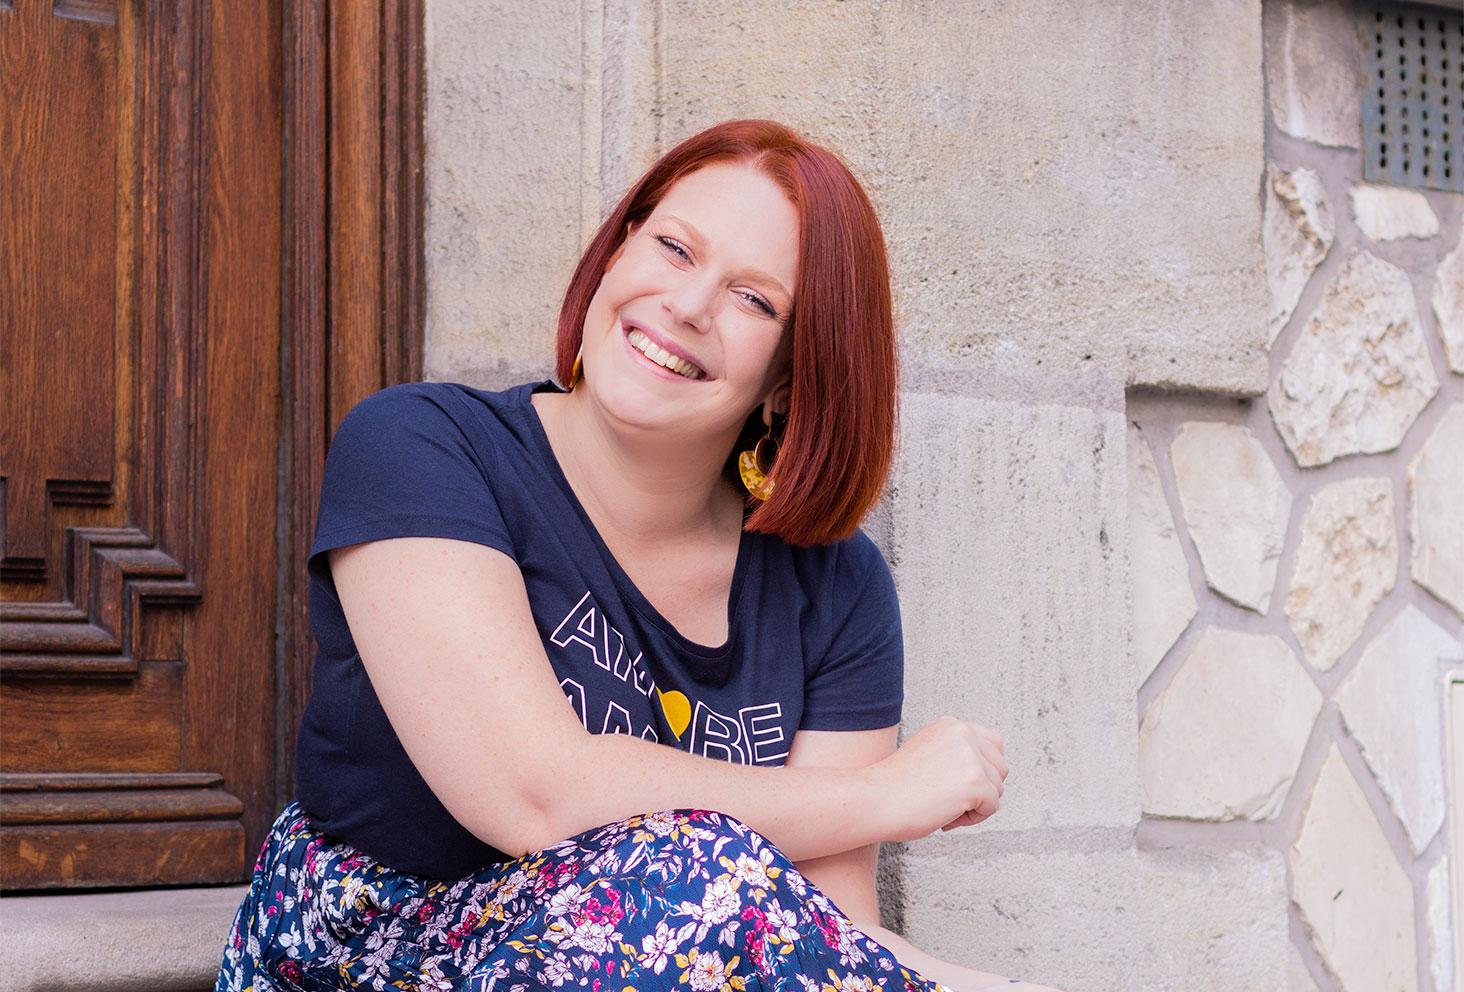 Assise le long d'un mur en pierre avec le sourire, légèrement de profil, en jupe fleurie et t-shirt bleu